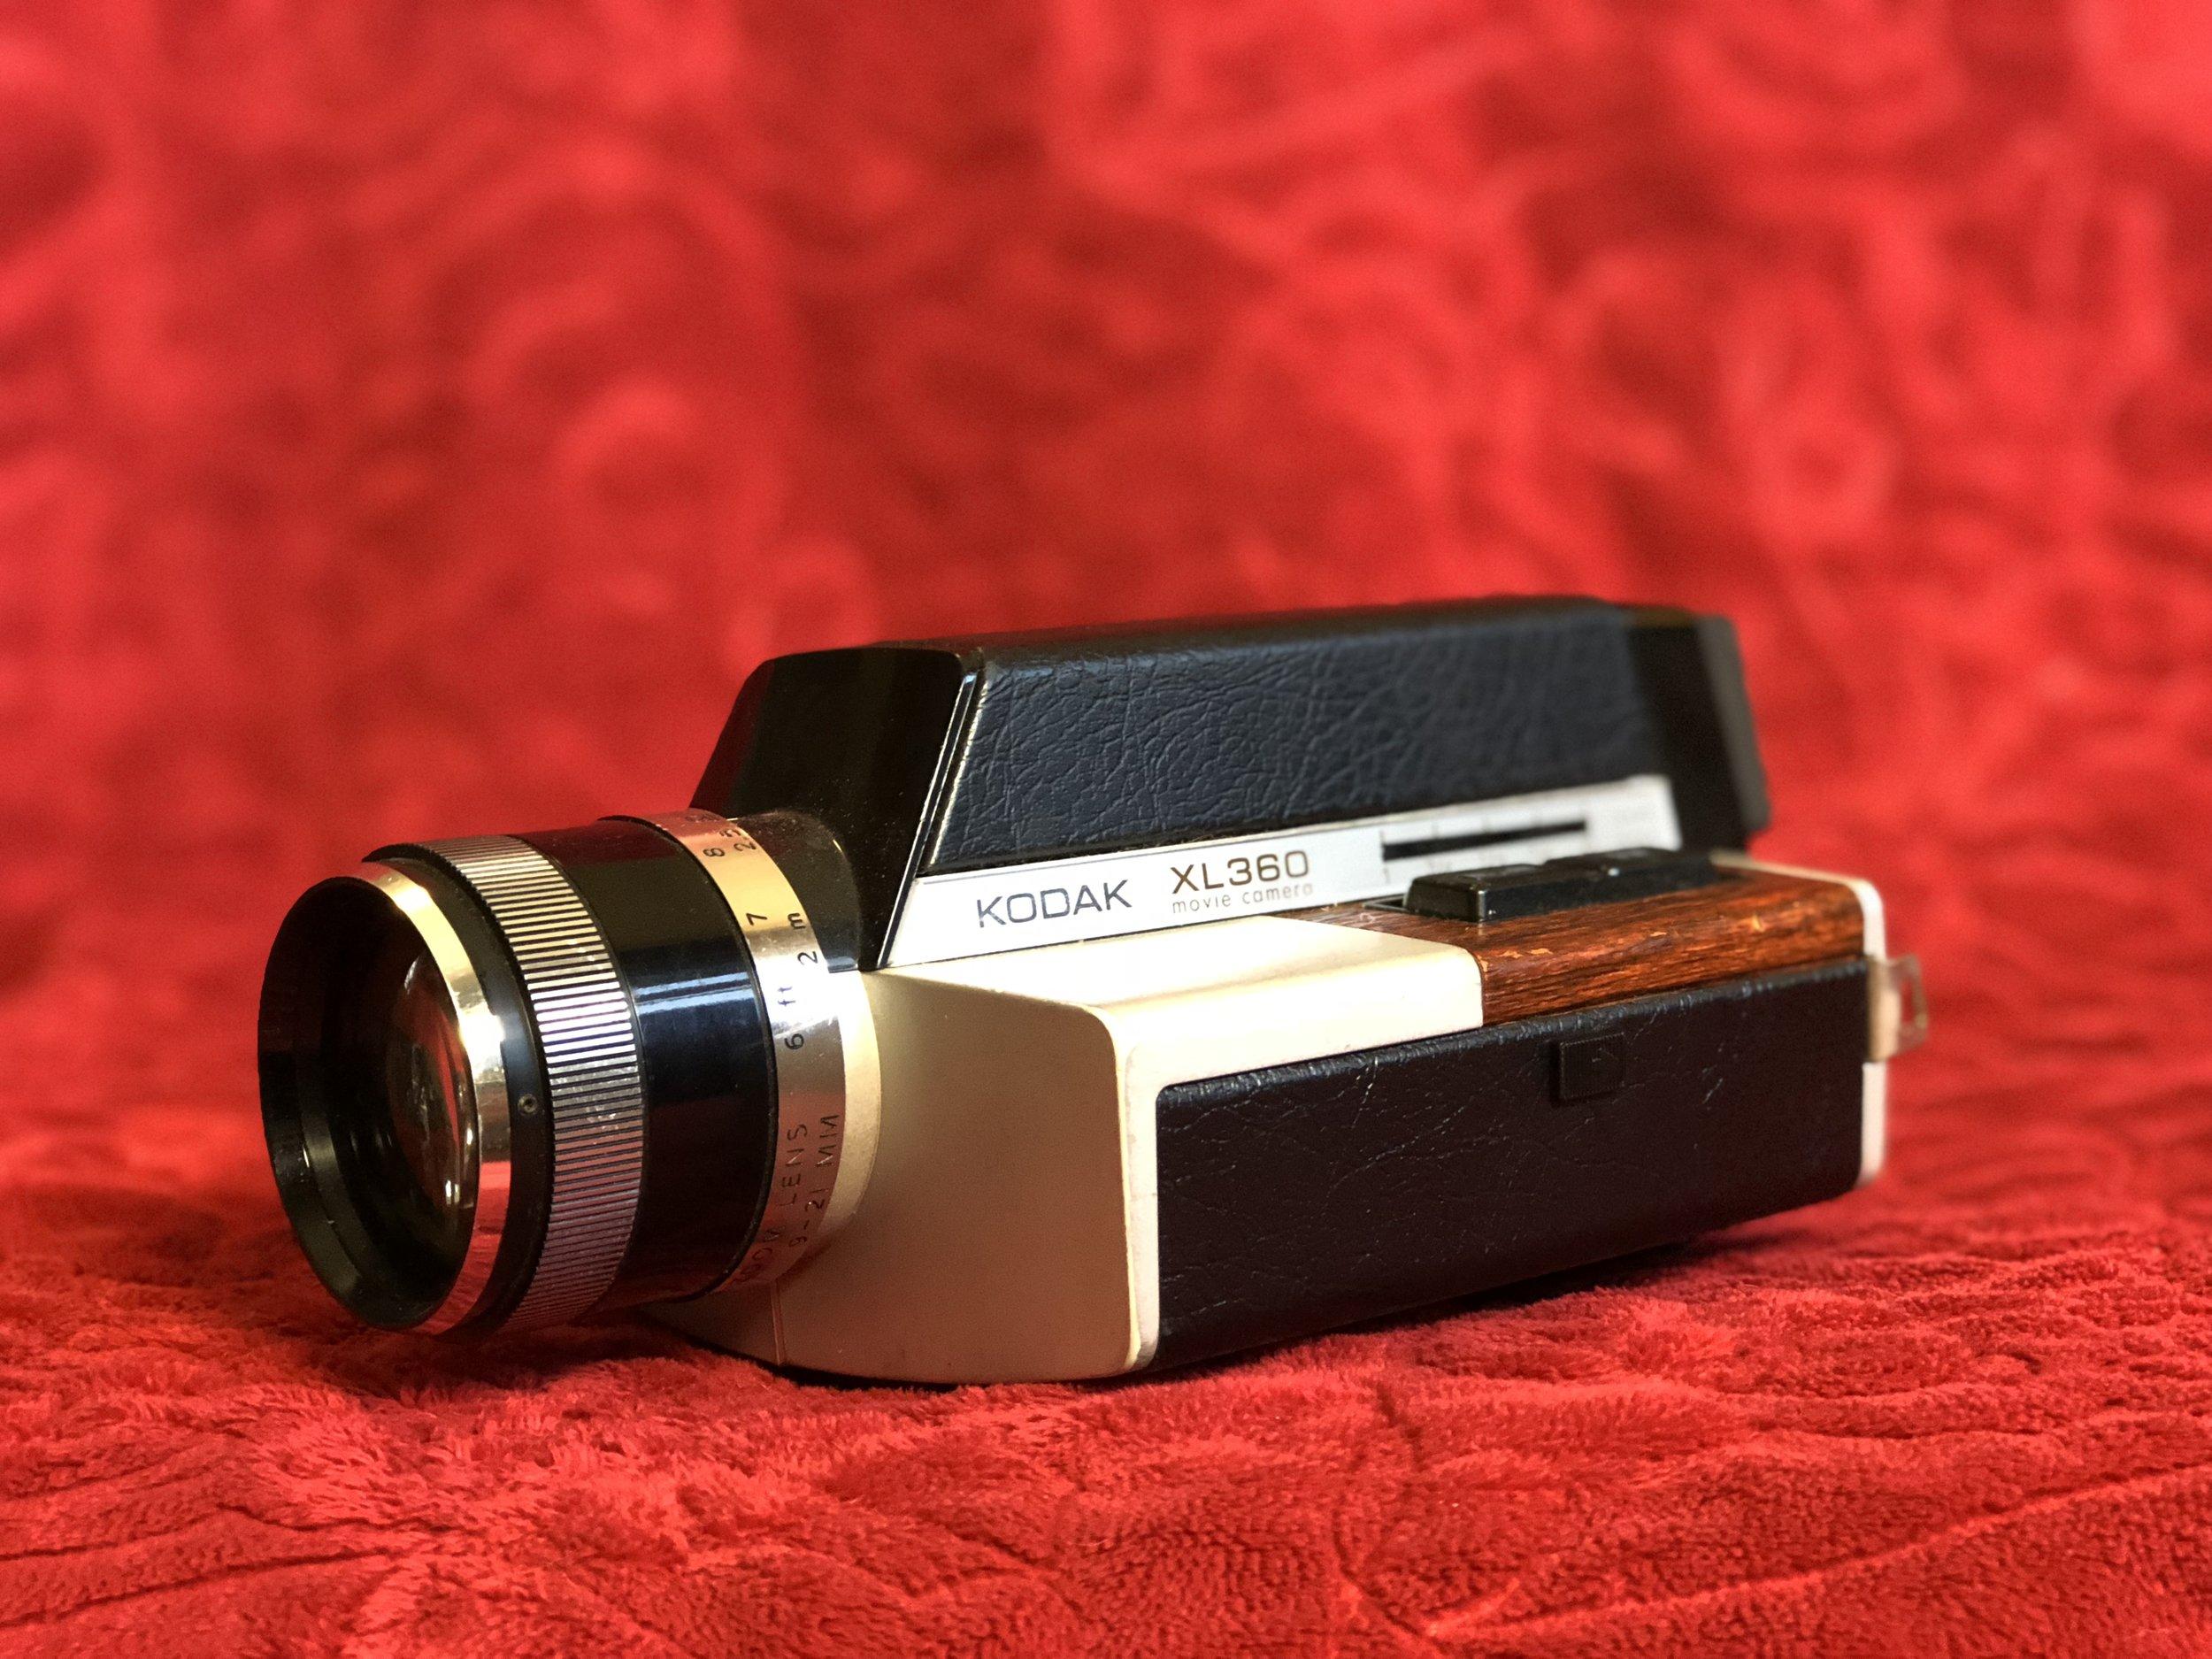 My parent's Kodak XL360 Movie Camera